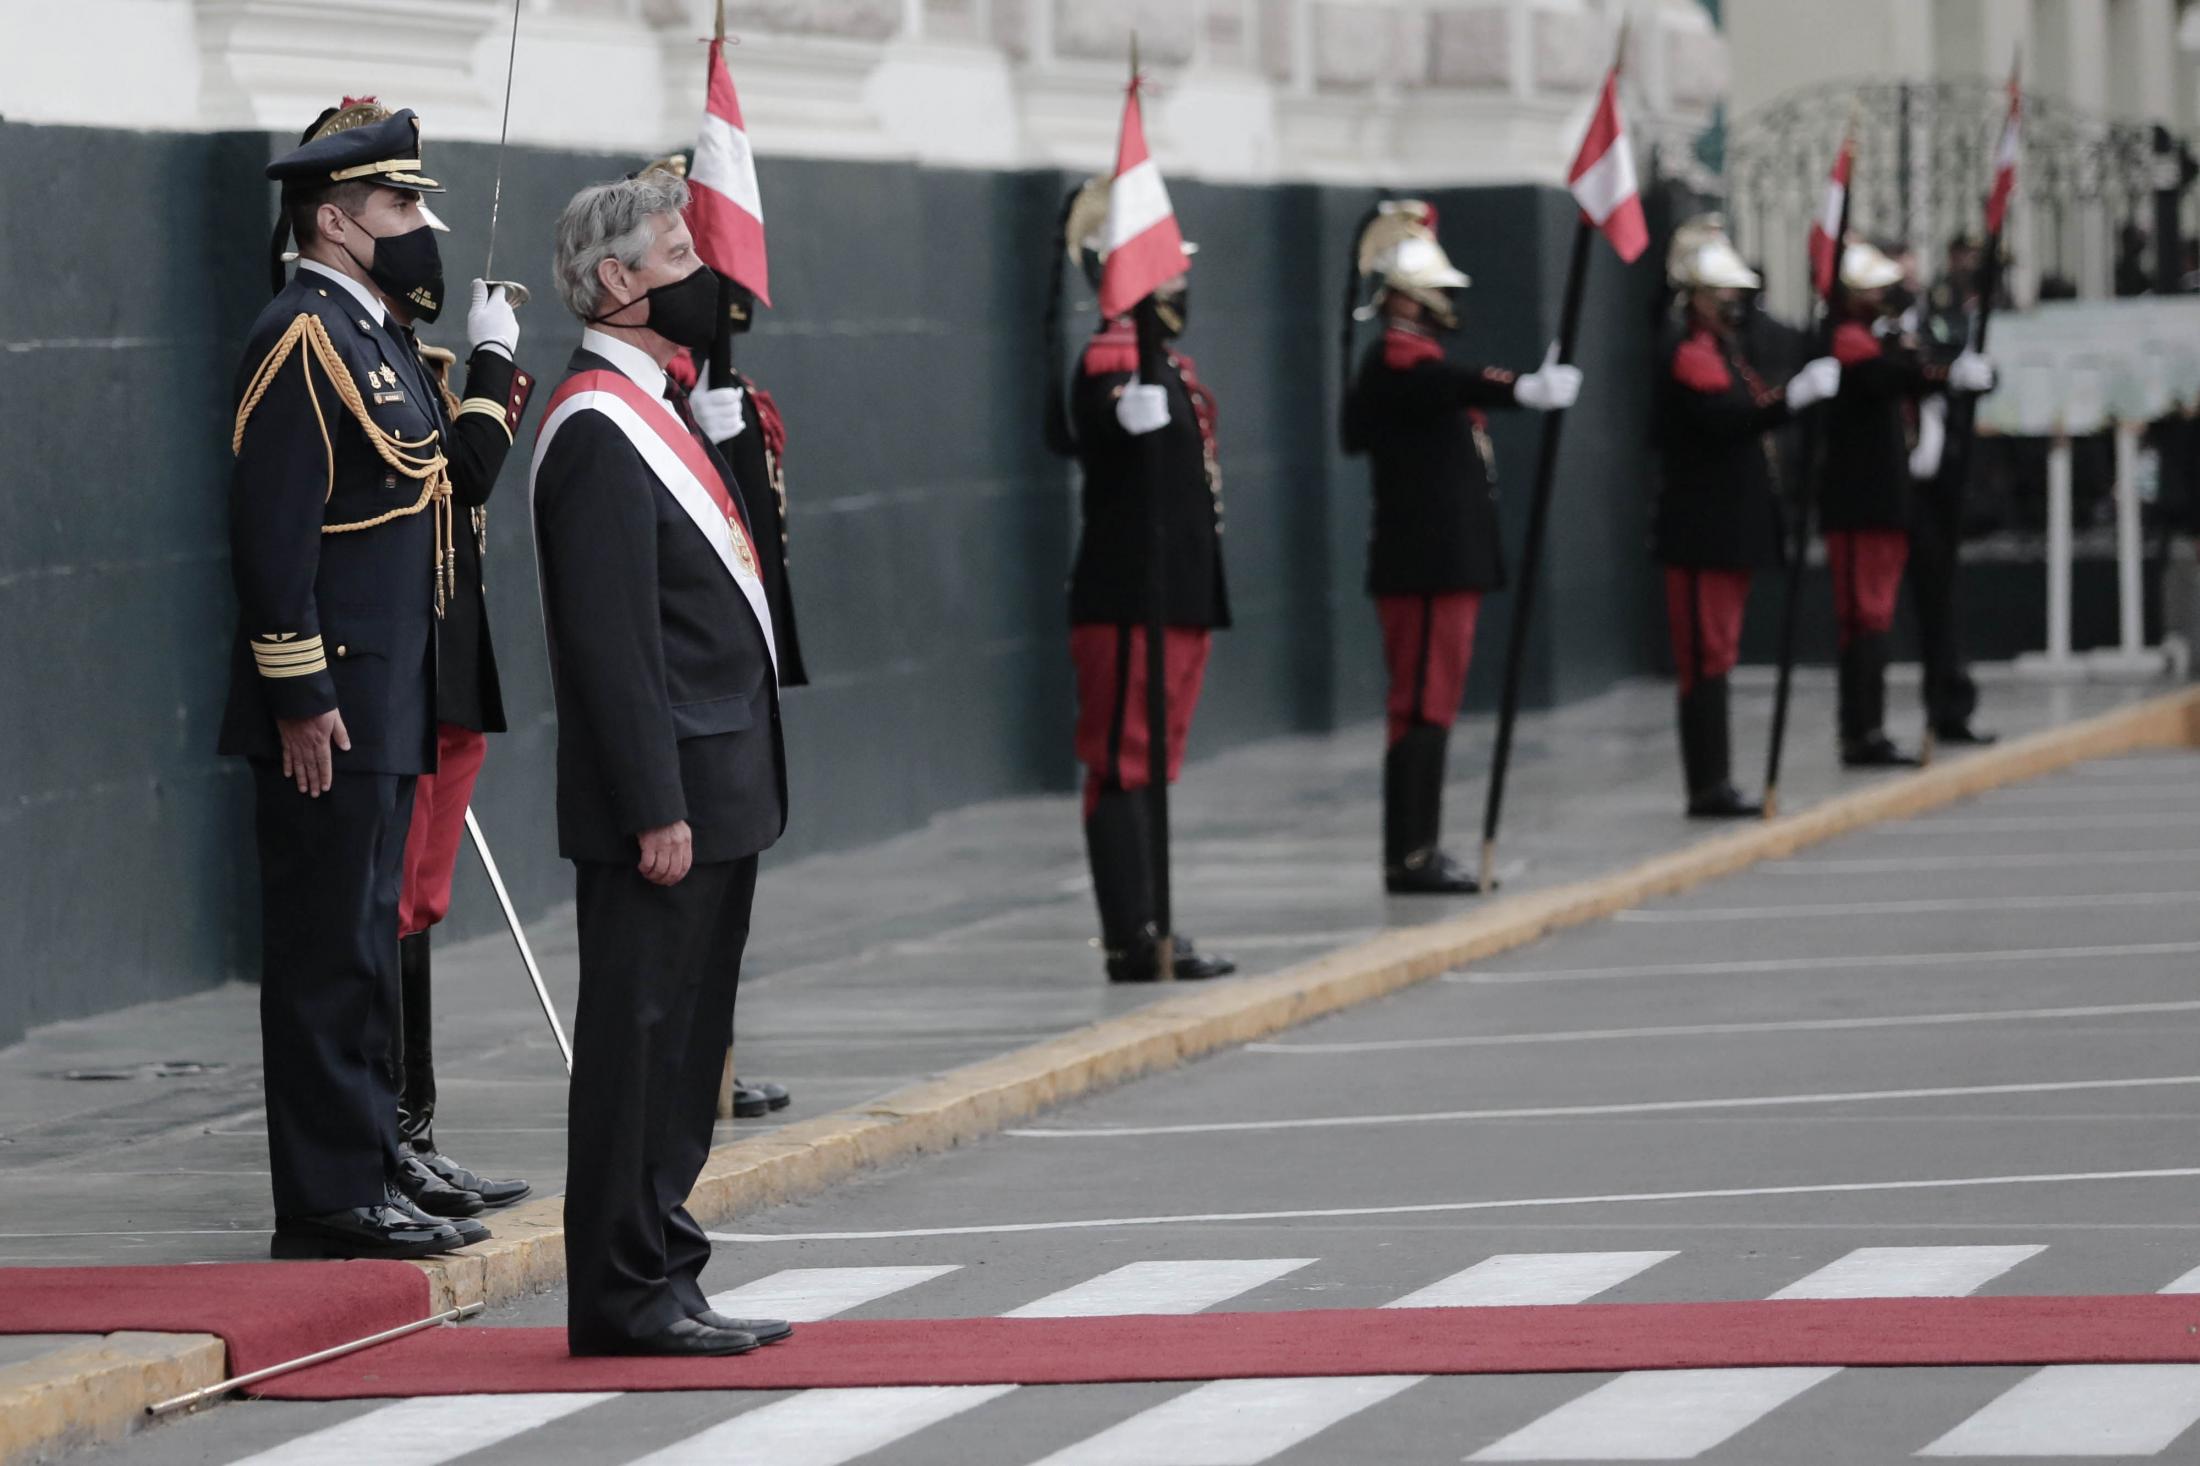 Francisco Sagasti nació el 10 de octubre de 1944 (76 años) en Lima. Congresista por el Partido Morado desde marzo a noviembre de 2020 donde fue nombrado Presidente del Perú hasta julio de 2021 tras la renuncia de Manuel Merino. Esta elección se dio entre 19 parlamentarios que se opusieron a la vacancia de Martín Vizcarra.